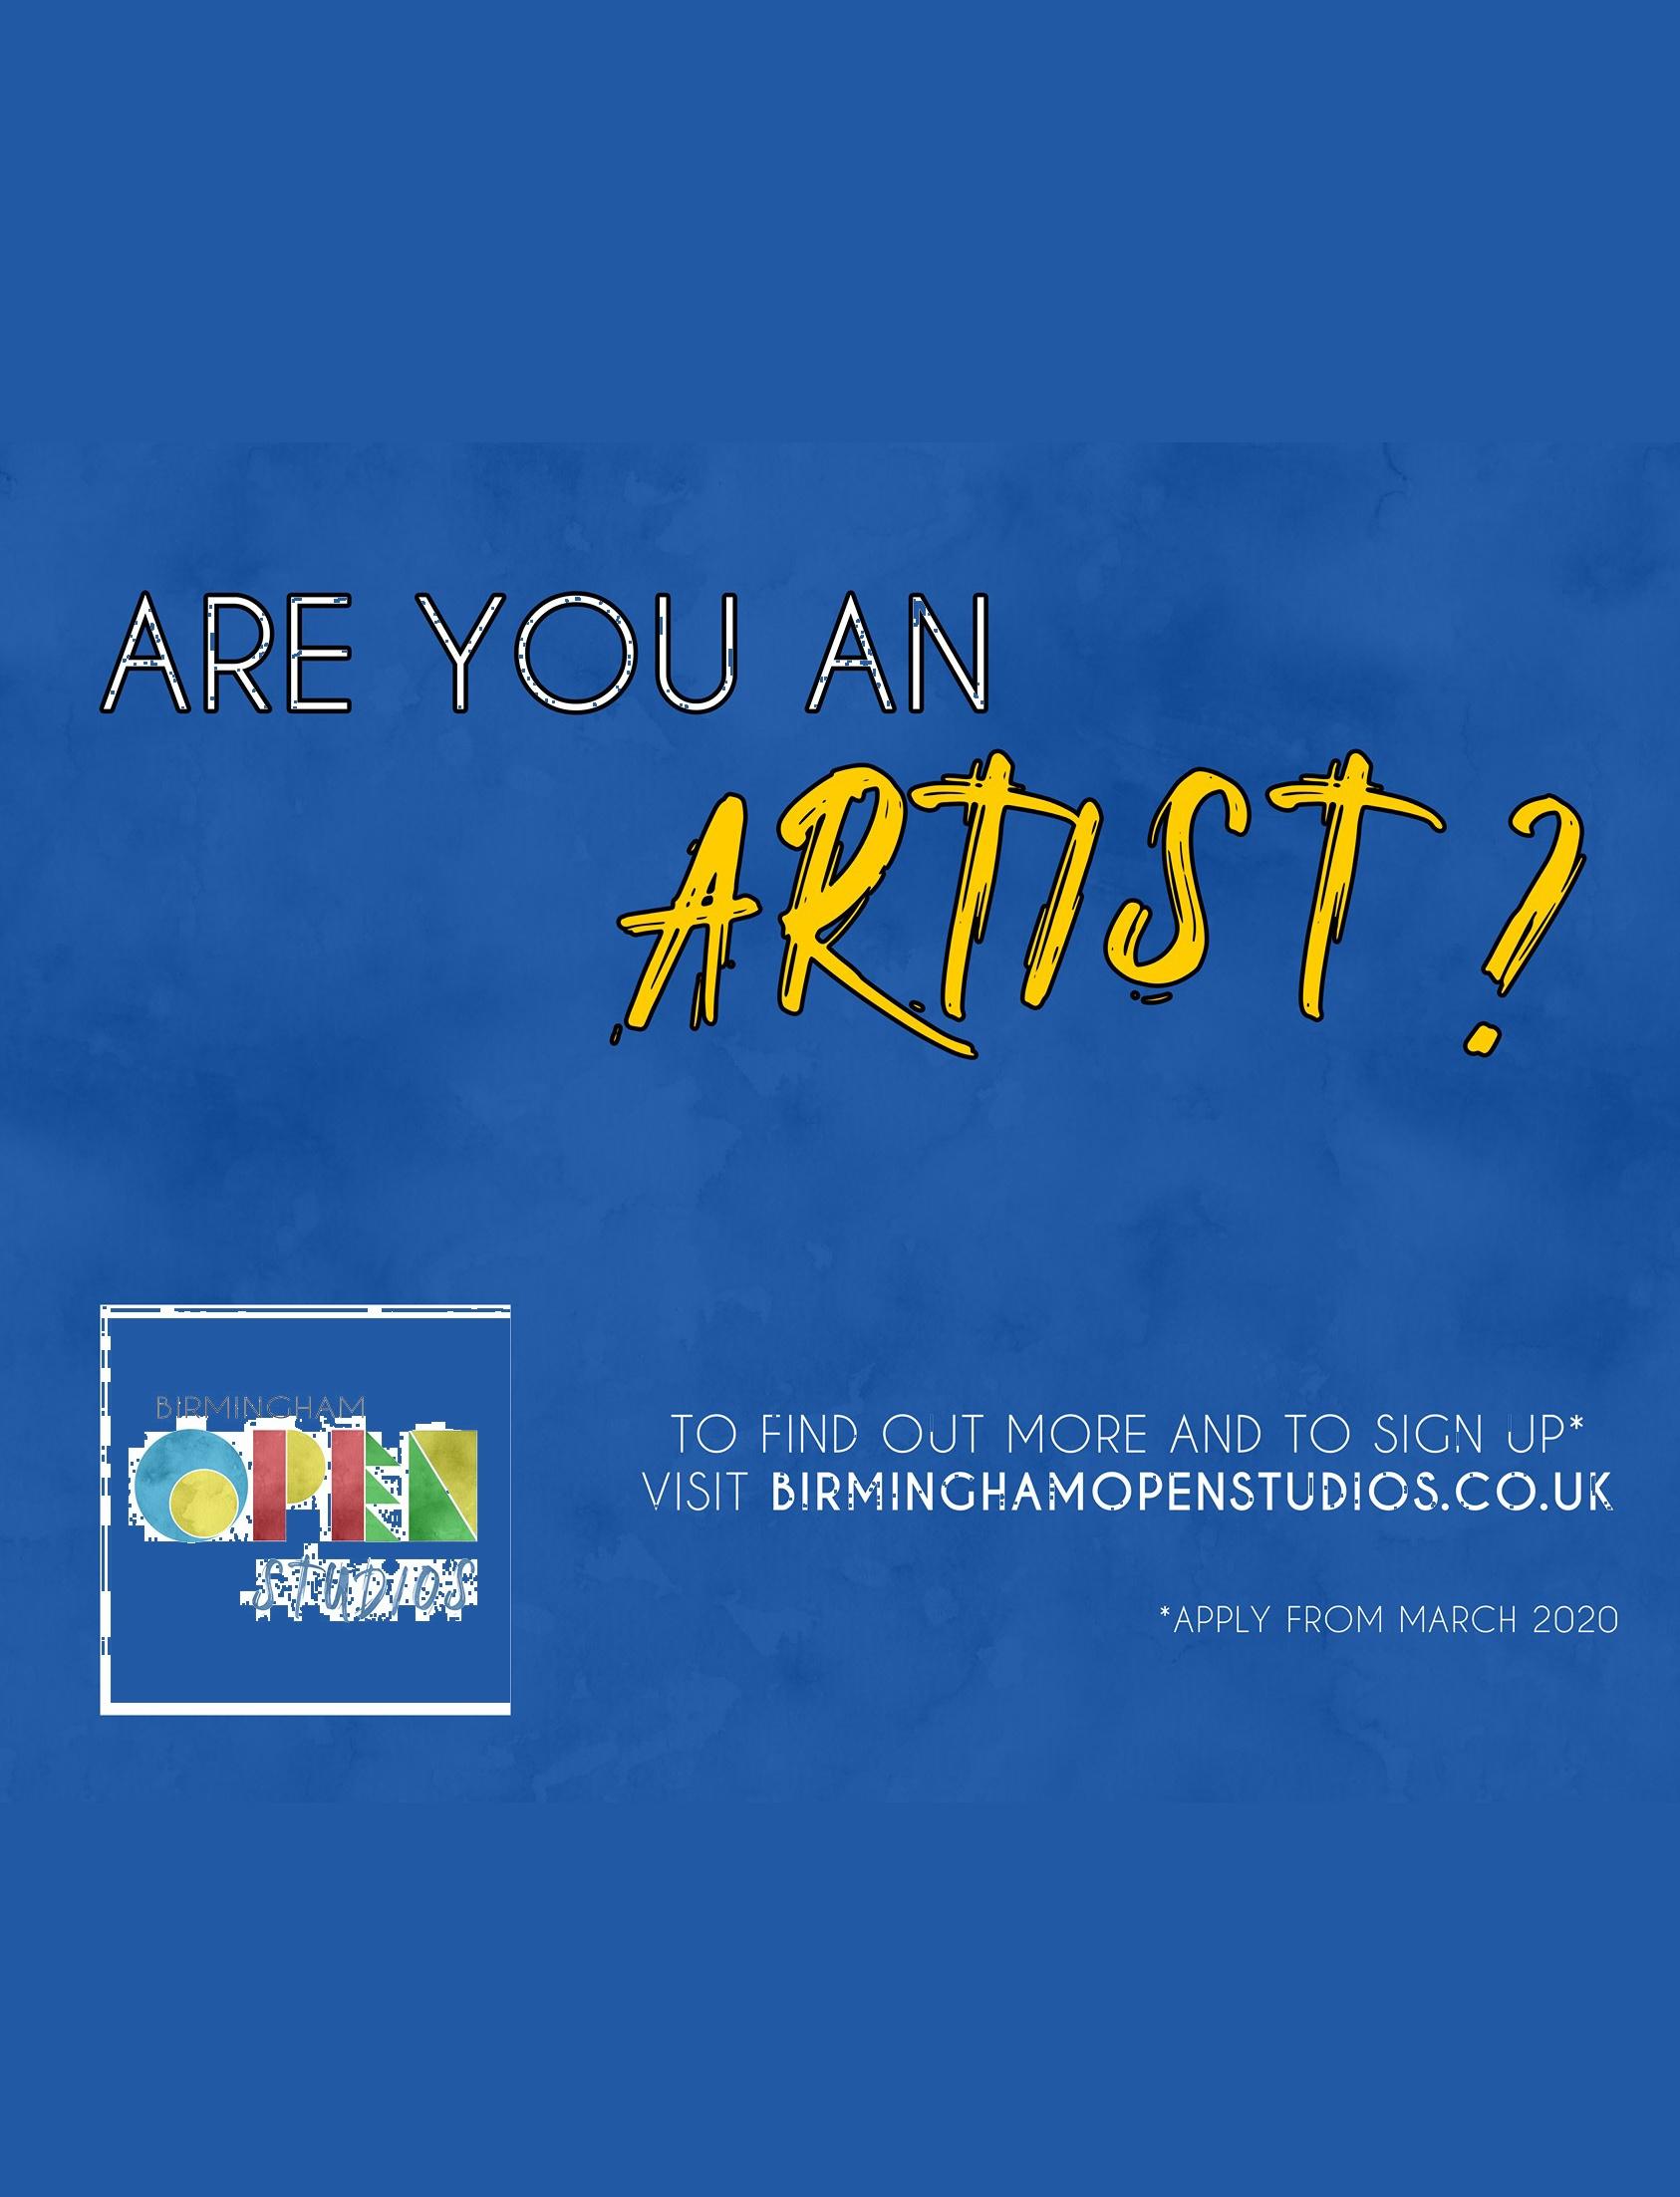 Birmingham Open Studios